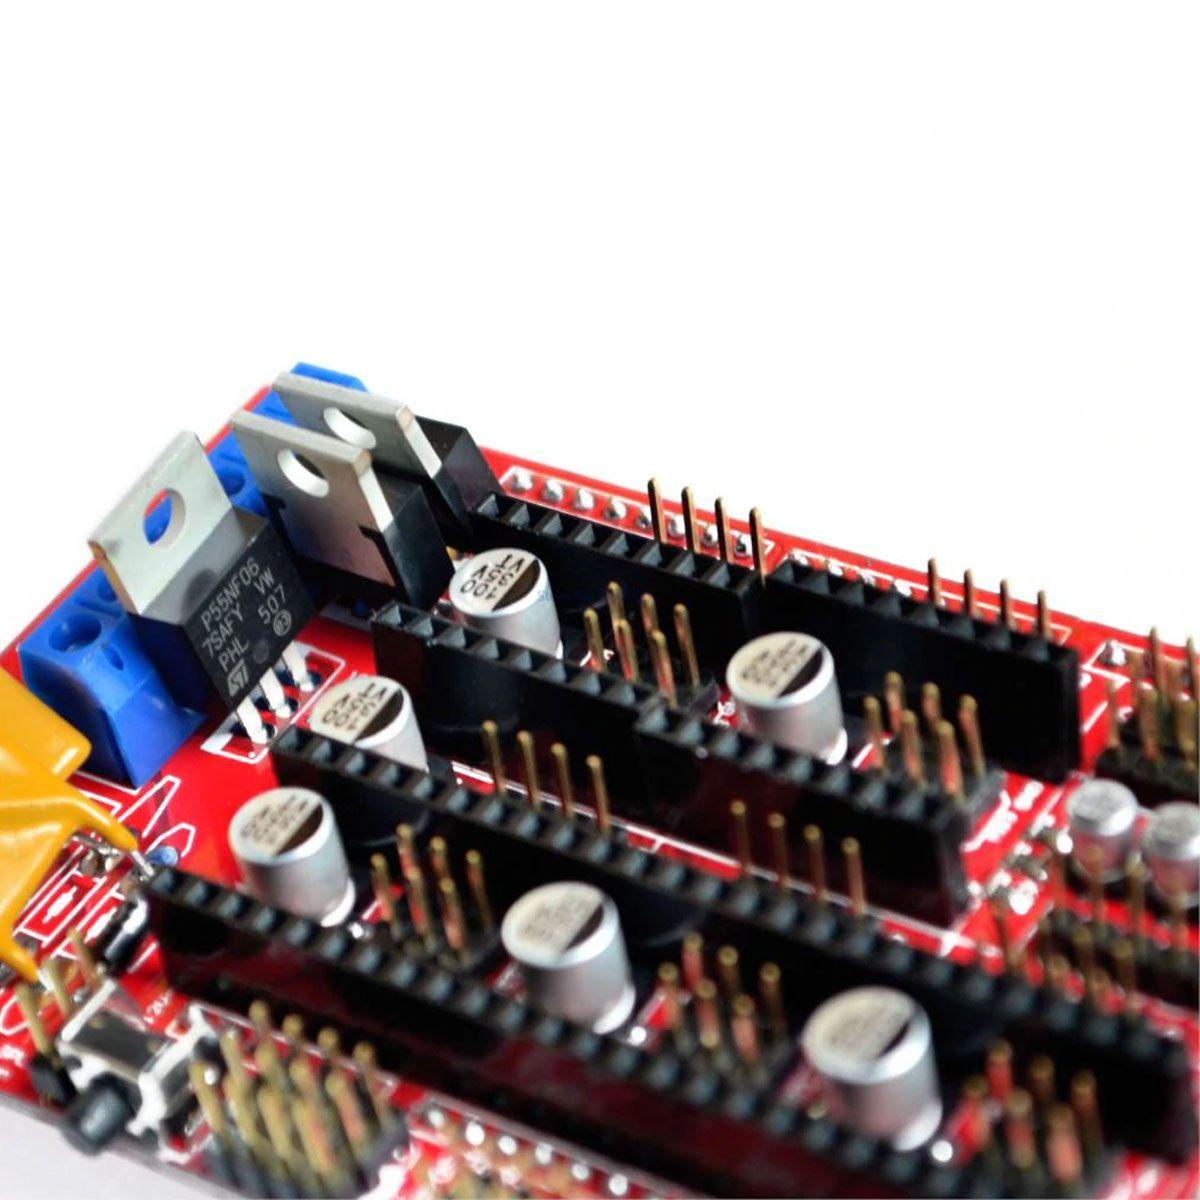 Shield Ramps 1.4 Mega para Impressora 3D Reprap CNC